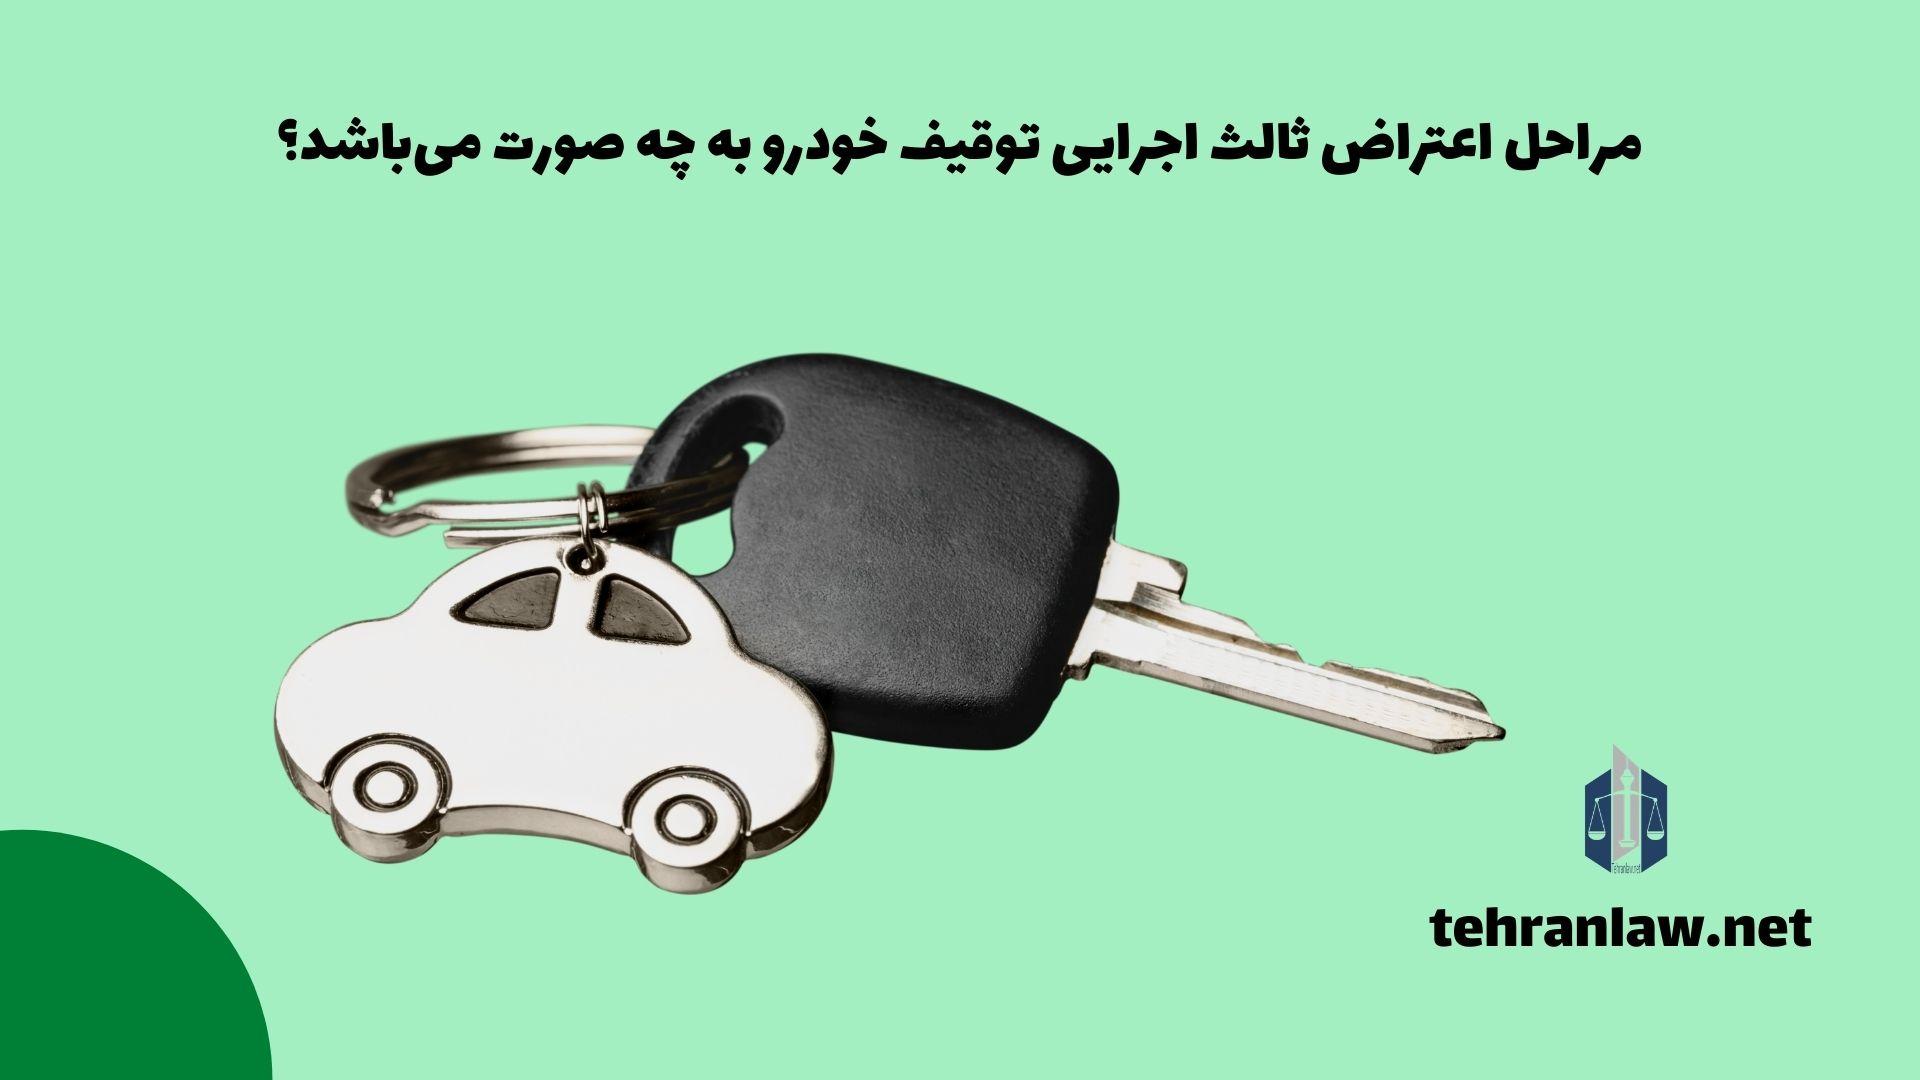 مراحل اعتراض ثالث اجرایی توقیف خودرو به چه صورت میباشد؟